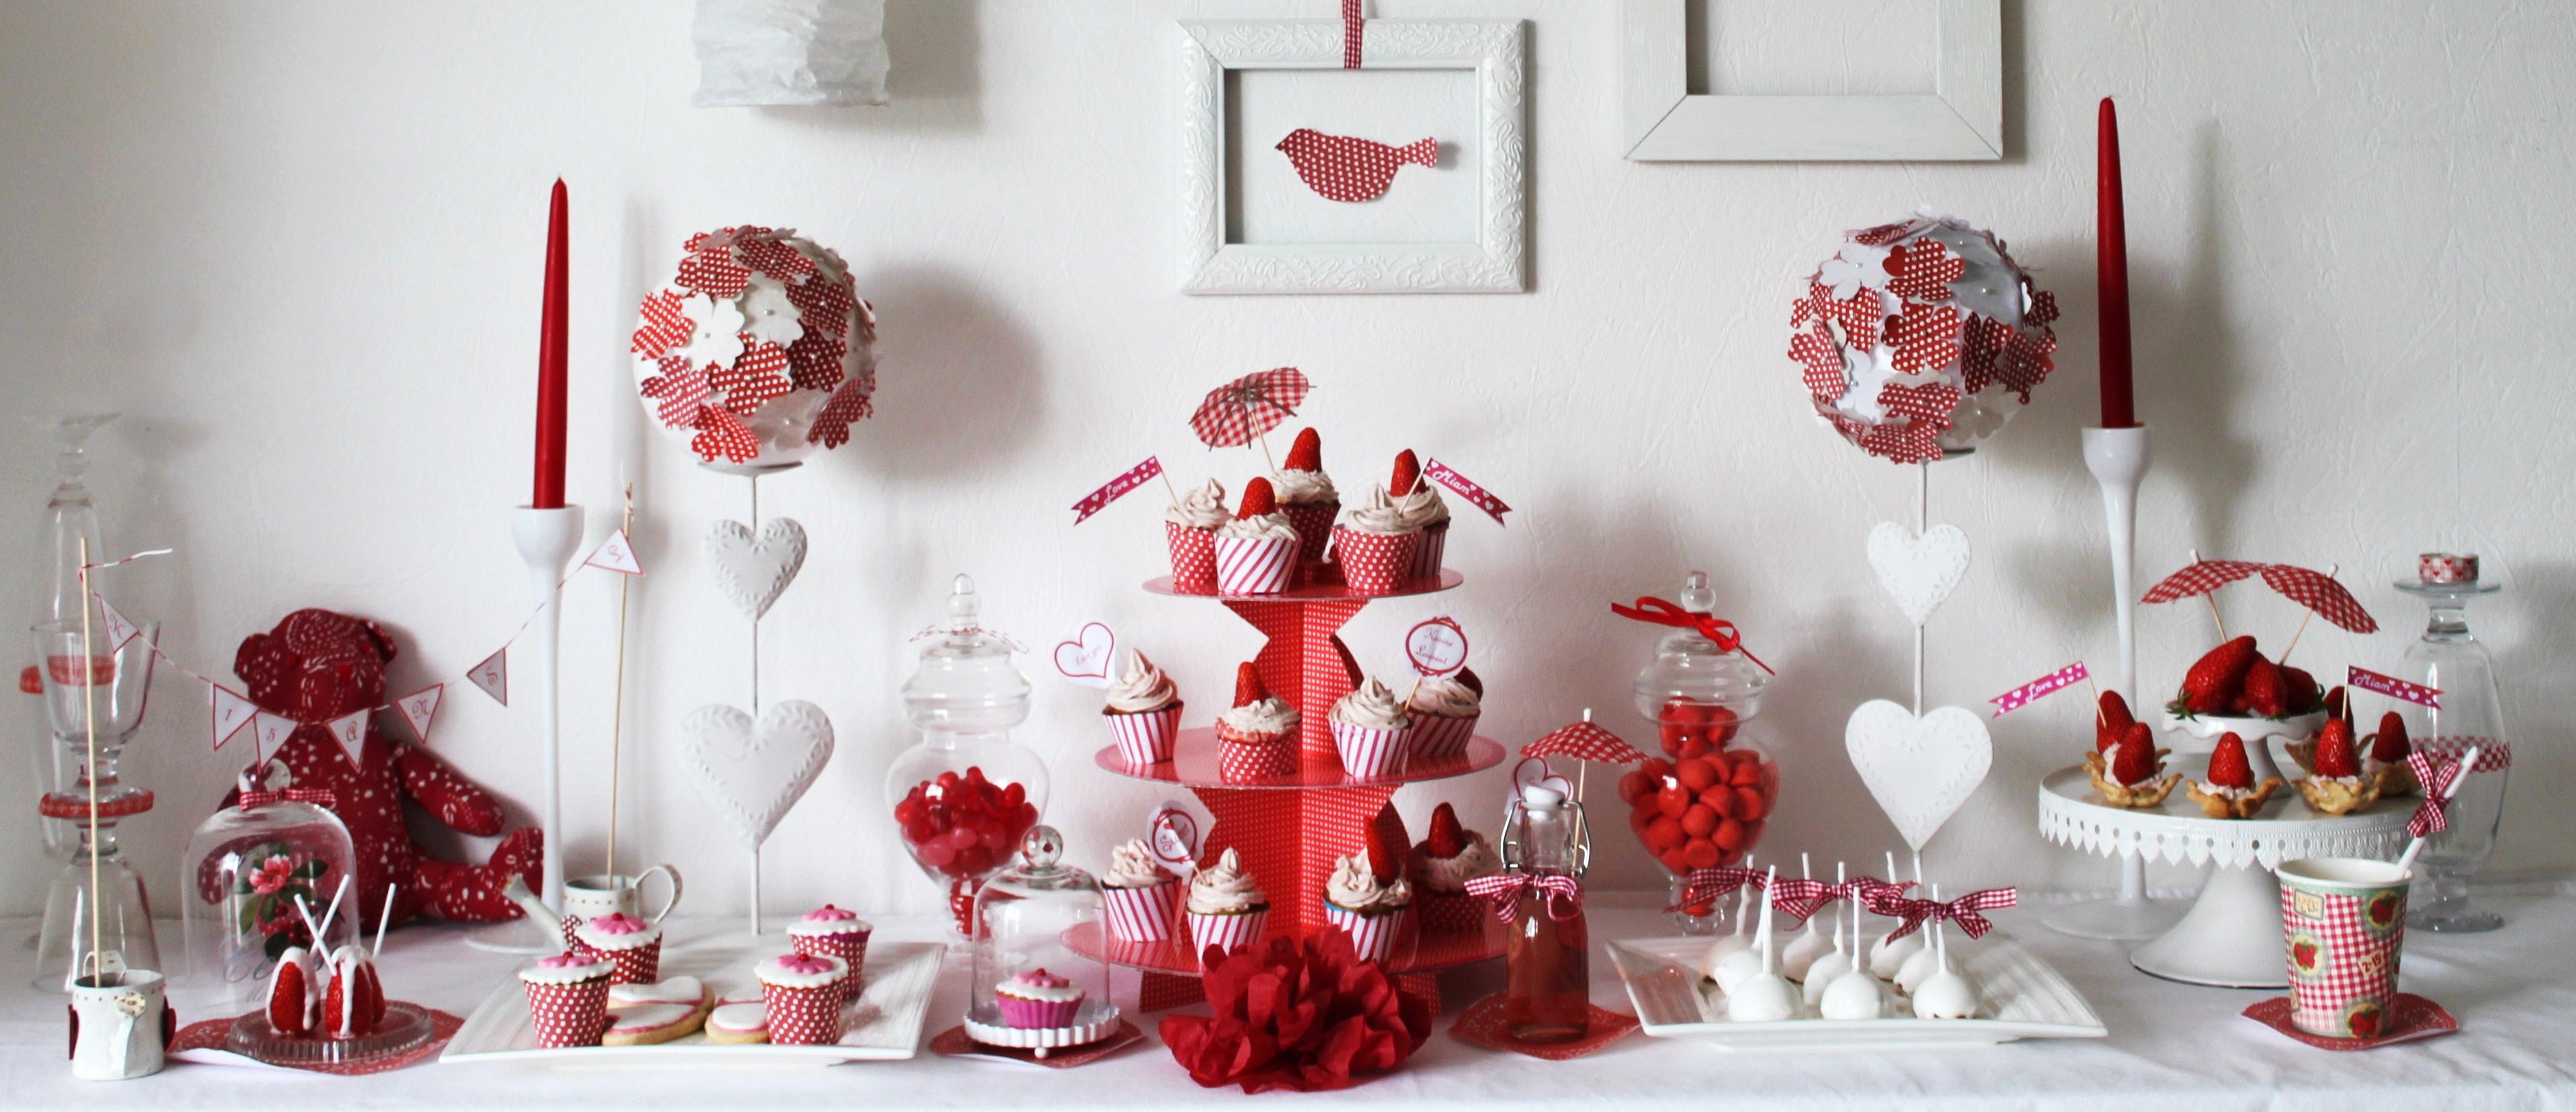 sweet table pour un anniversaire de mariage la fabricamania. Black Bedroom Furniture Sets. Home Design Ideas